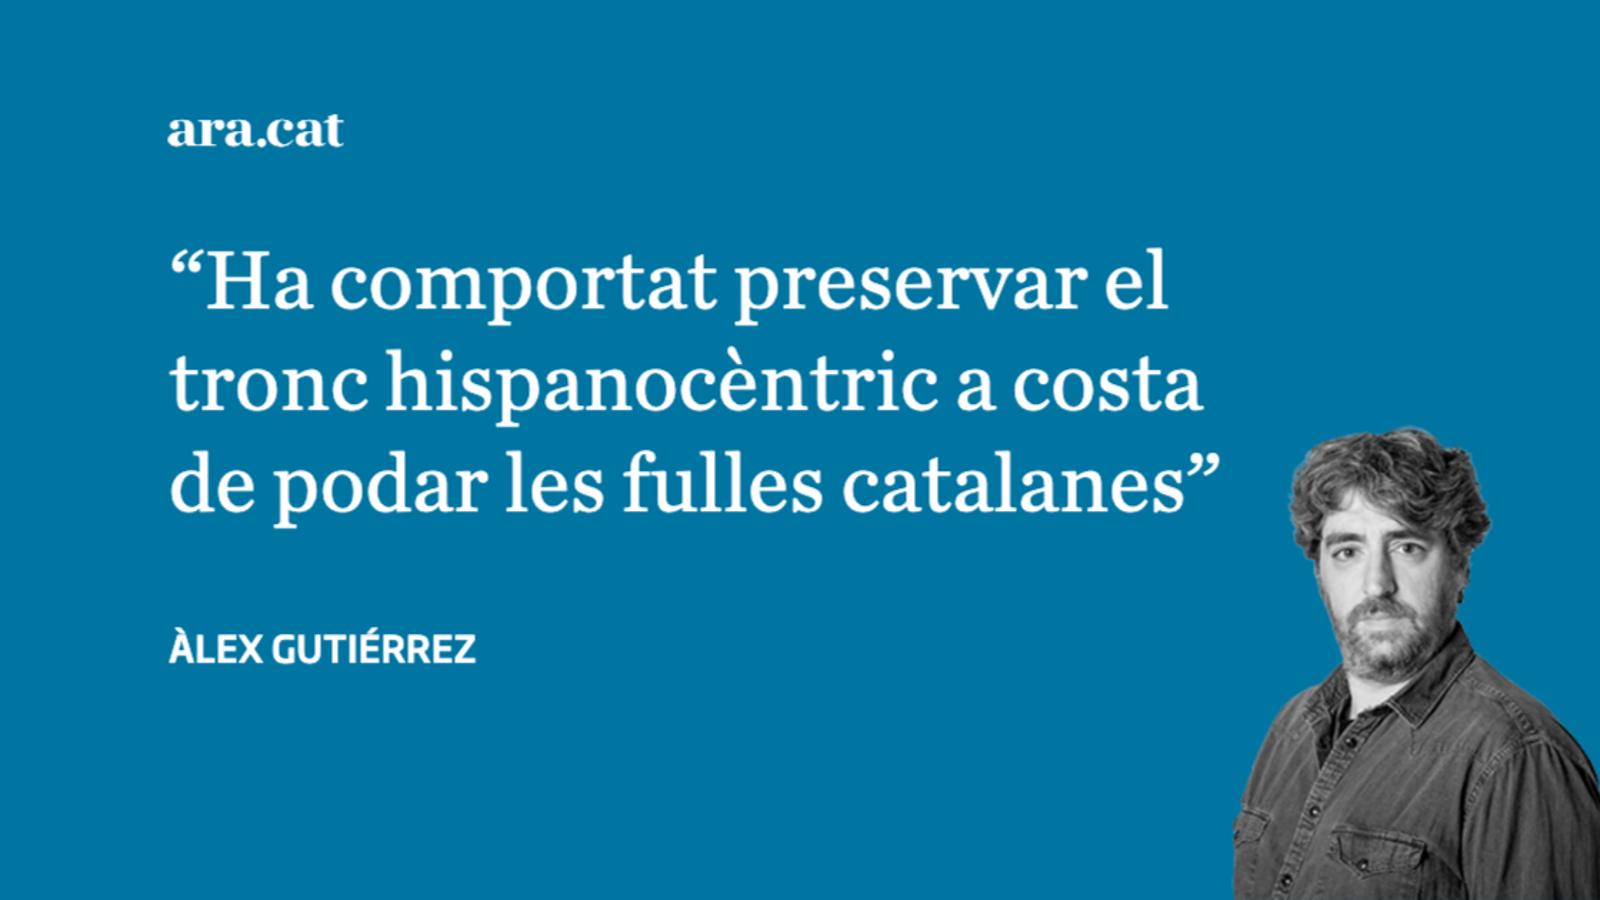 Diaris més hispanocèntrics per al 2021